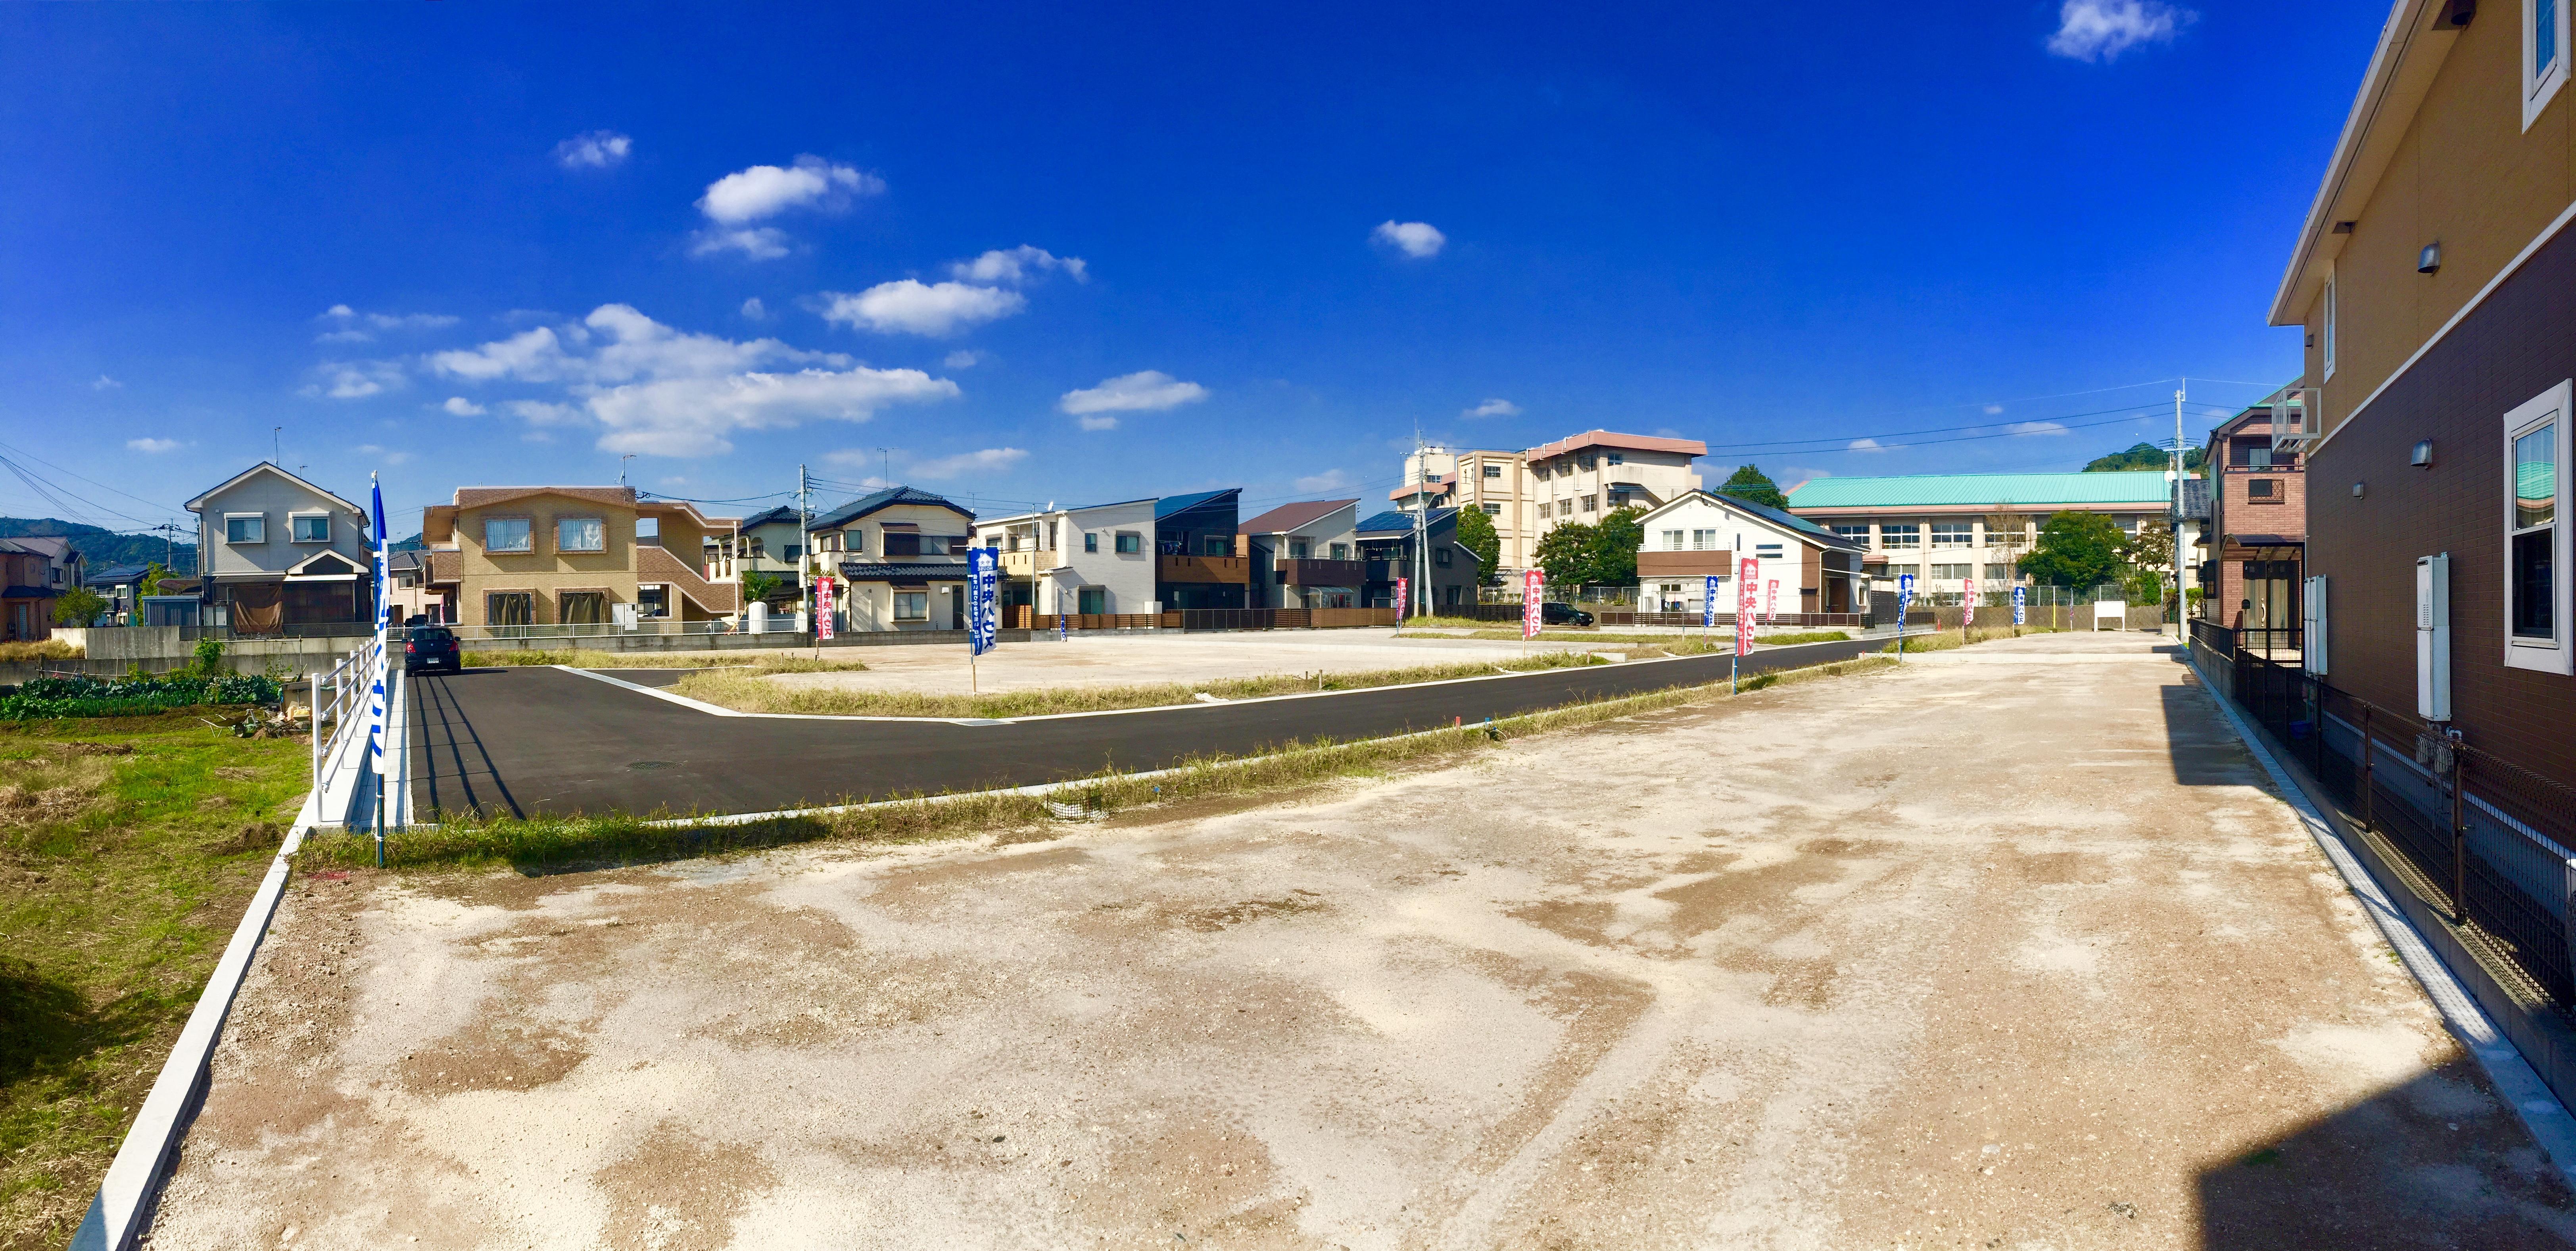 ★ニューライフ清和★ 清和小学校の横に全12区画宅地分譲中です。 いよいよ最終分譲となりました。